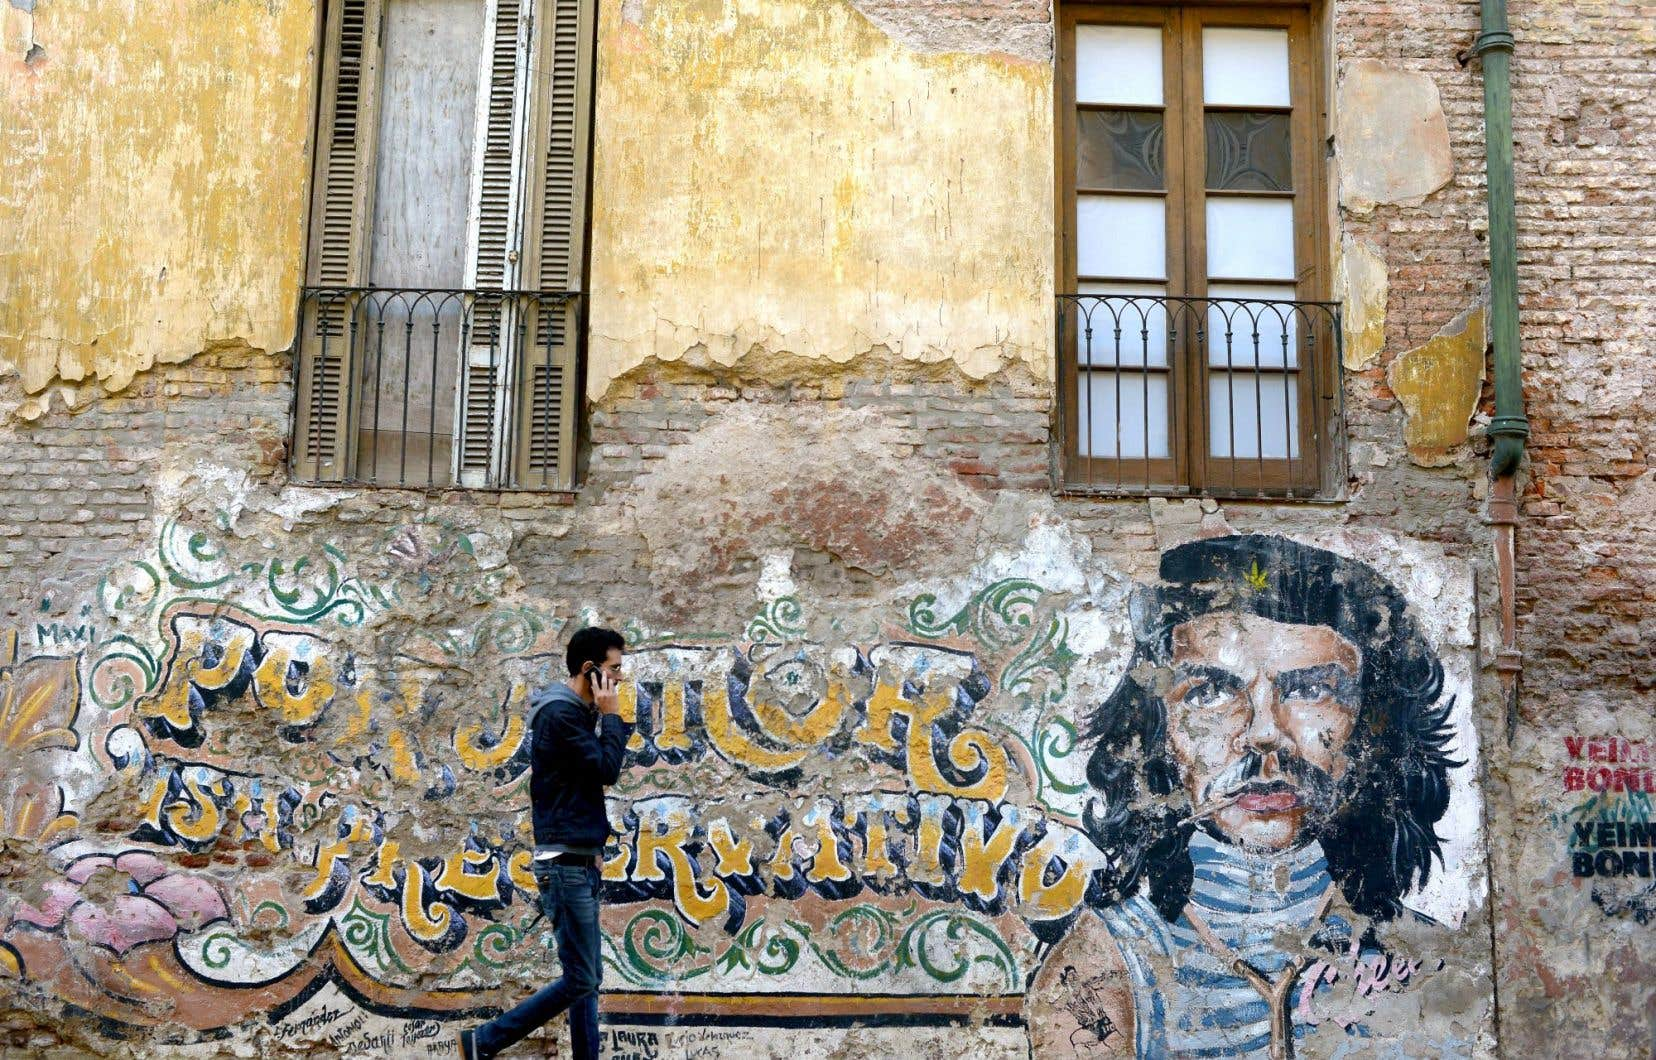 Devenue ces dernières années l'une des principales capitales mondiales du «street art», la ville de Buenos Aires, en Argentine, compte des milliers de fresques sur ses bâtiments de toutes sortes.